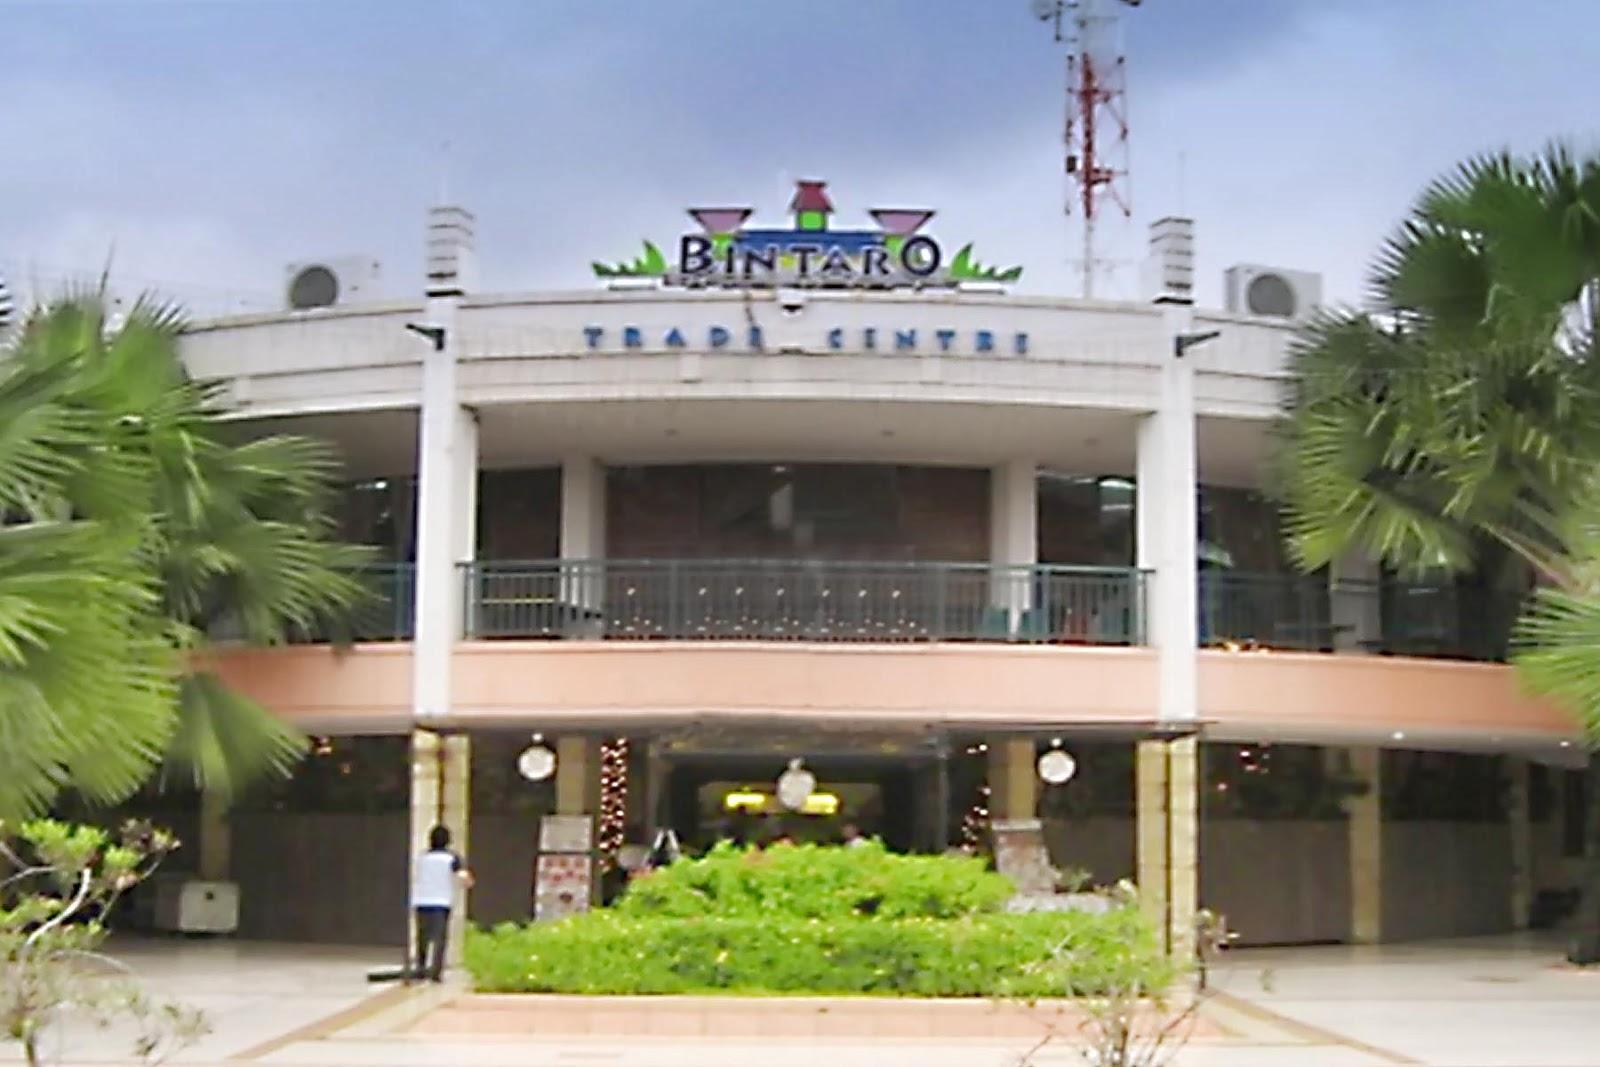 bintaro trade center( btc)